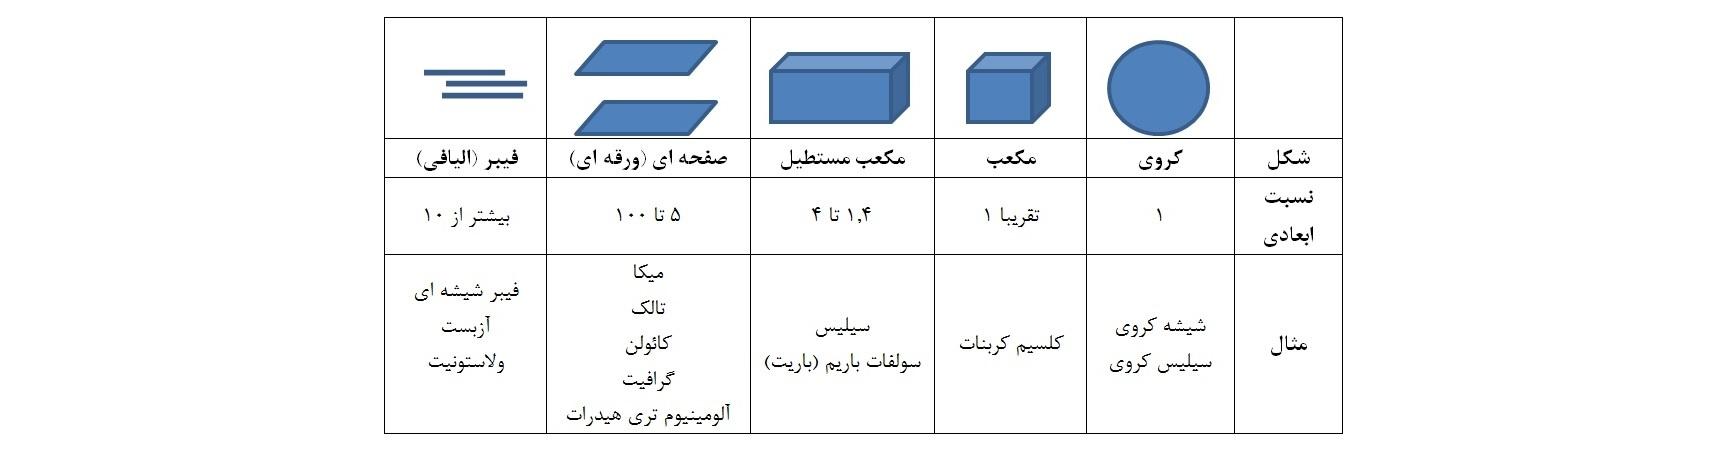 نسبت ابعادی و شکل پرکننده ها و تقویت کننده های معدنی خصوصیات مزایا